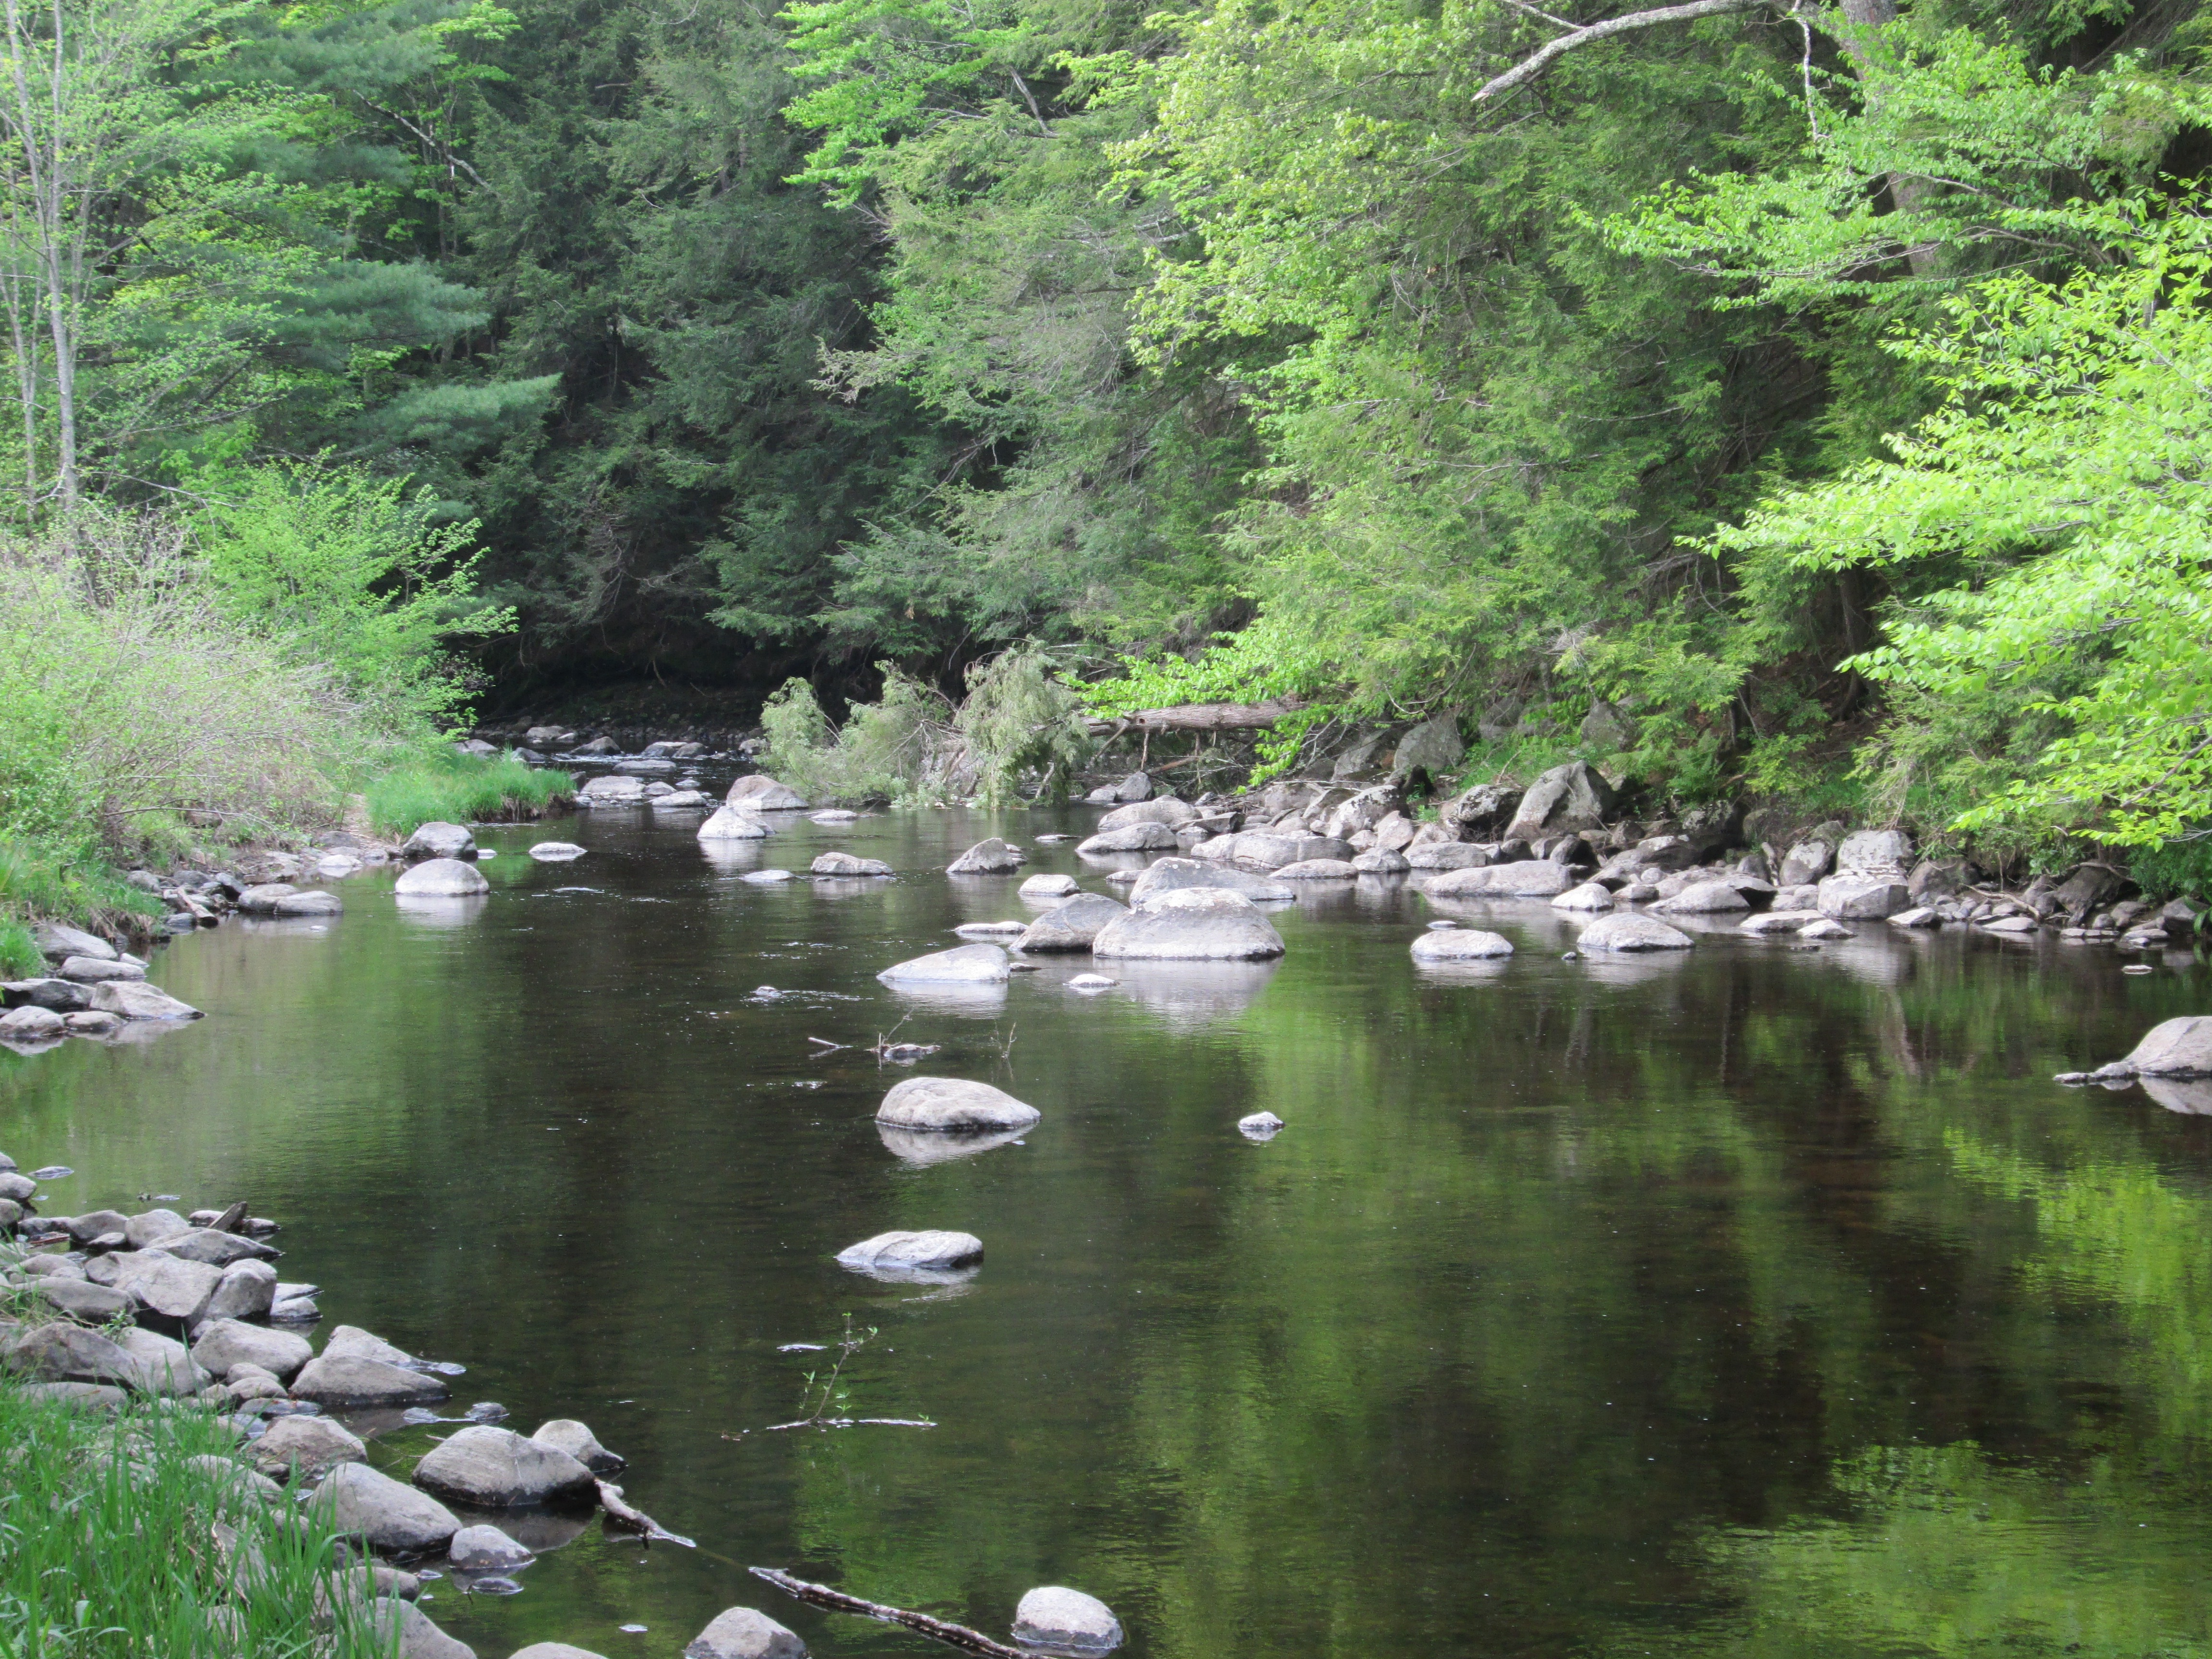 Fishing the farmington river in otis massachusetts for Farmington river fishing